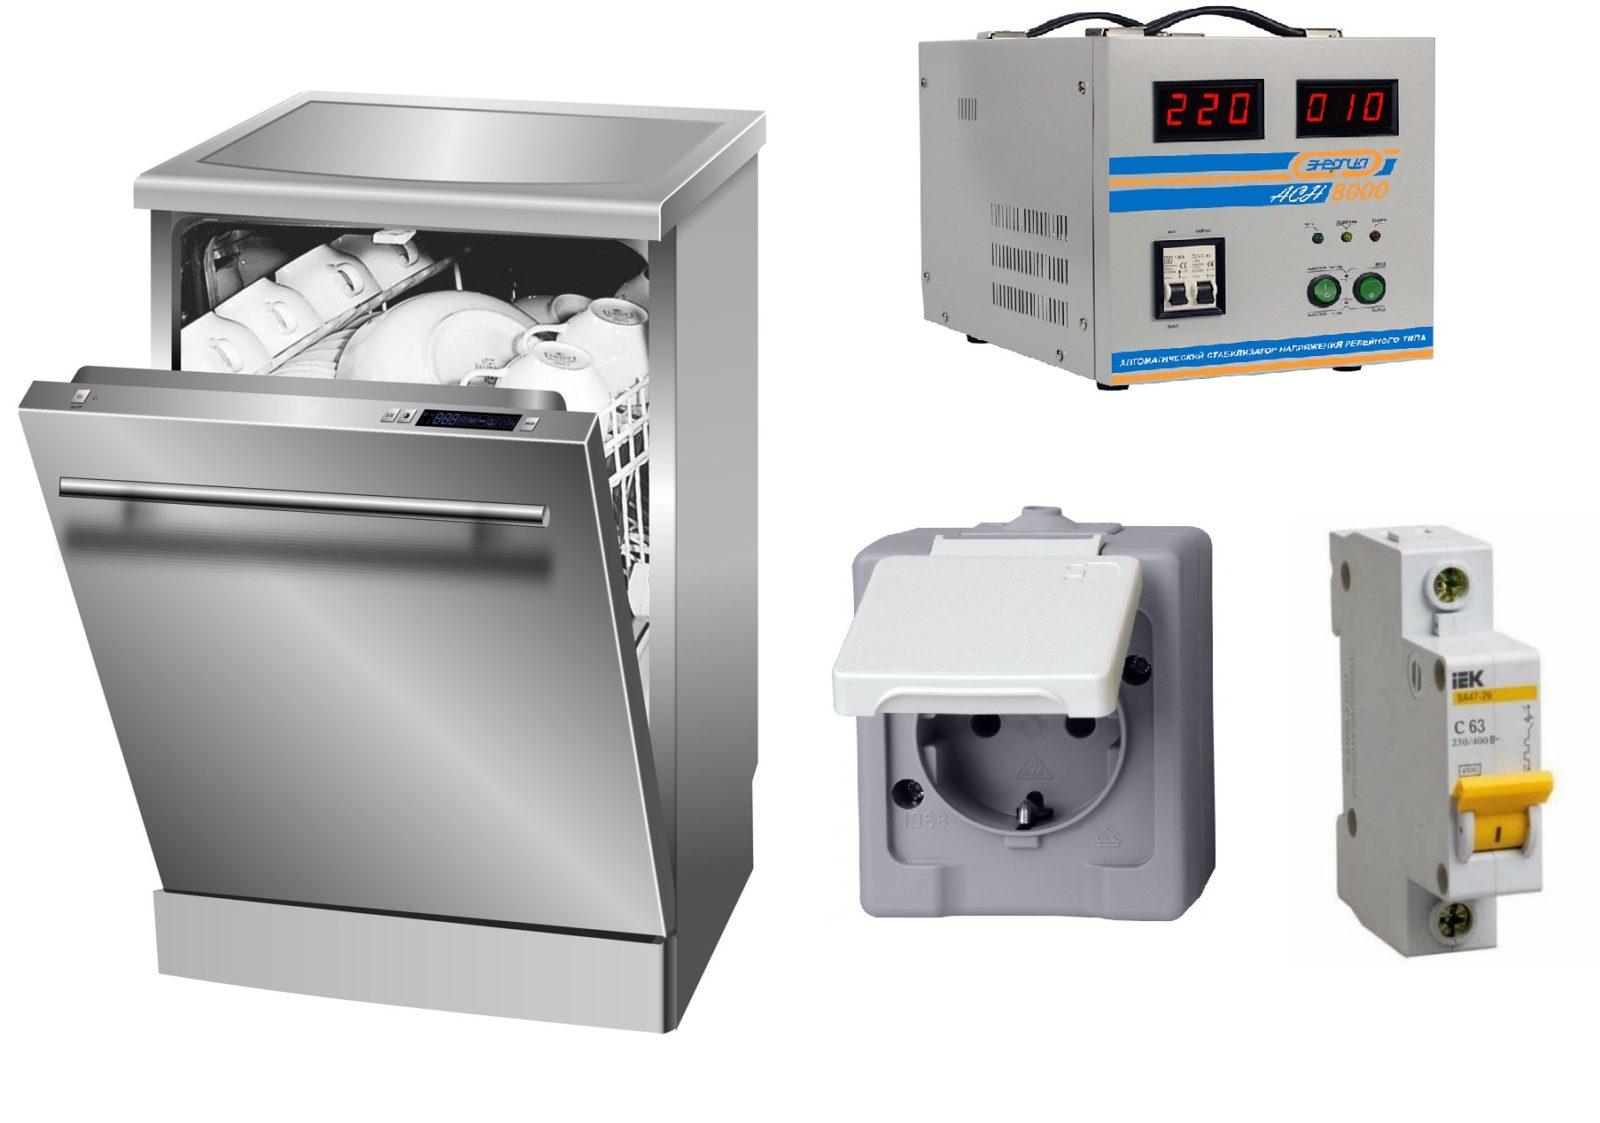 Автомат и розетка для посудомоечной машины